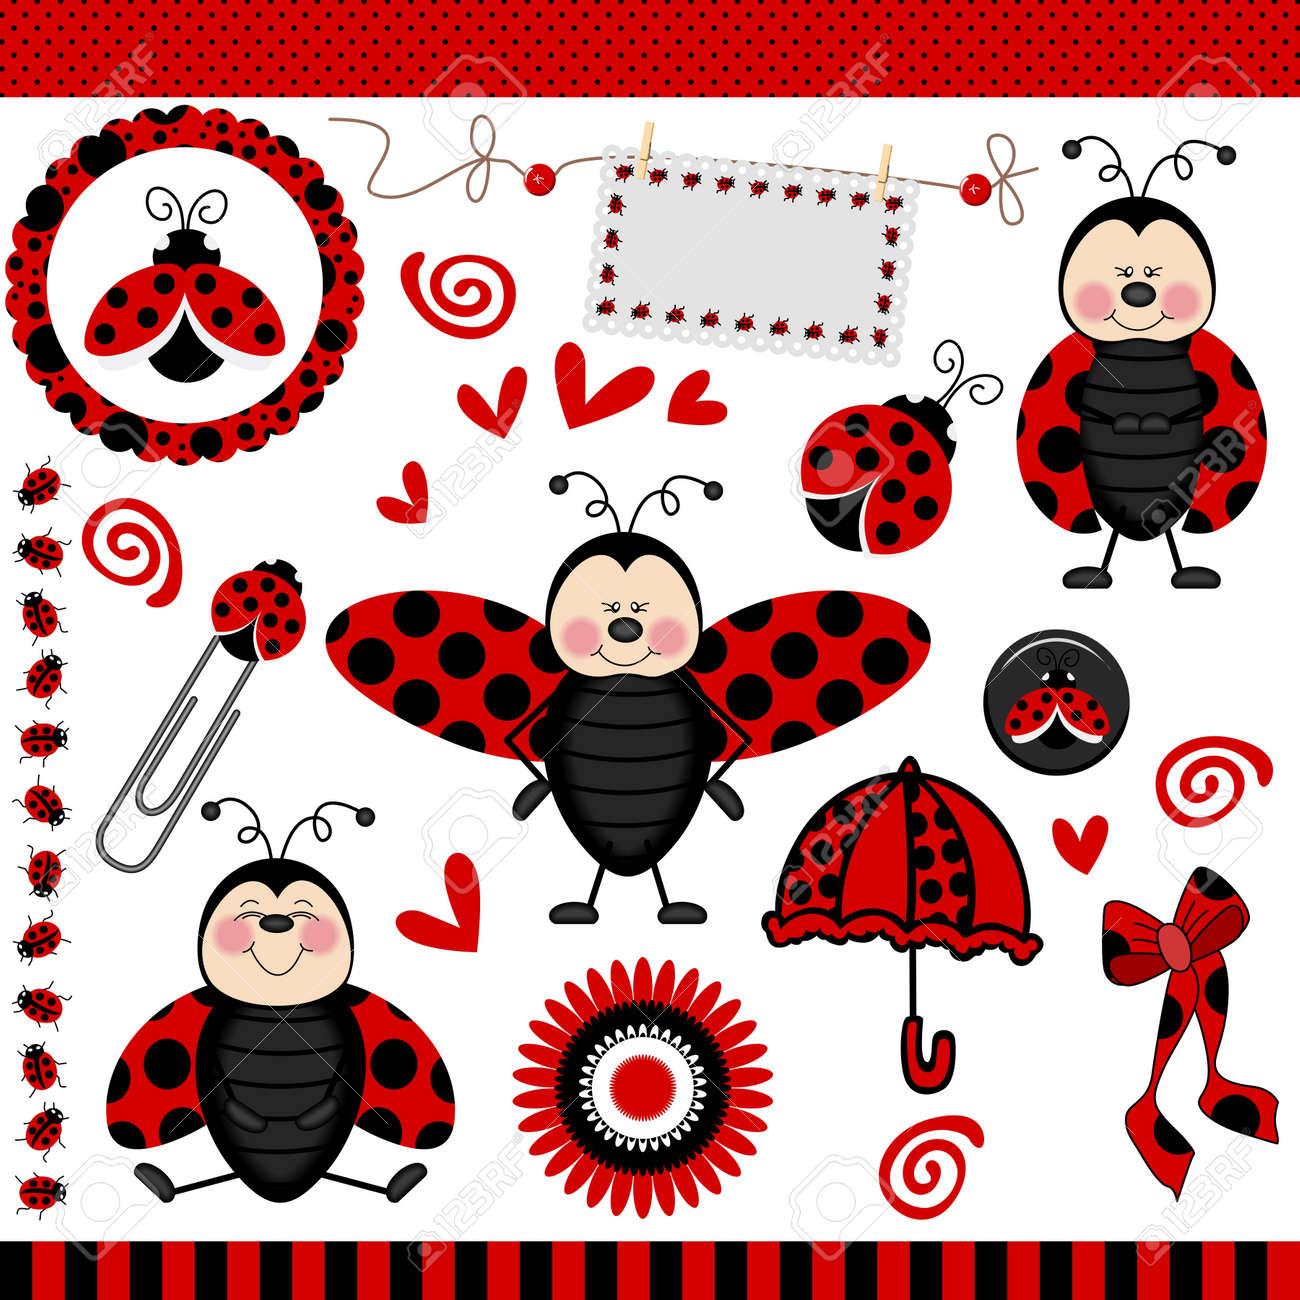 Ladybug Digital Scrapbook - 14125889